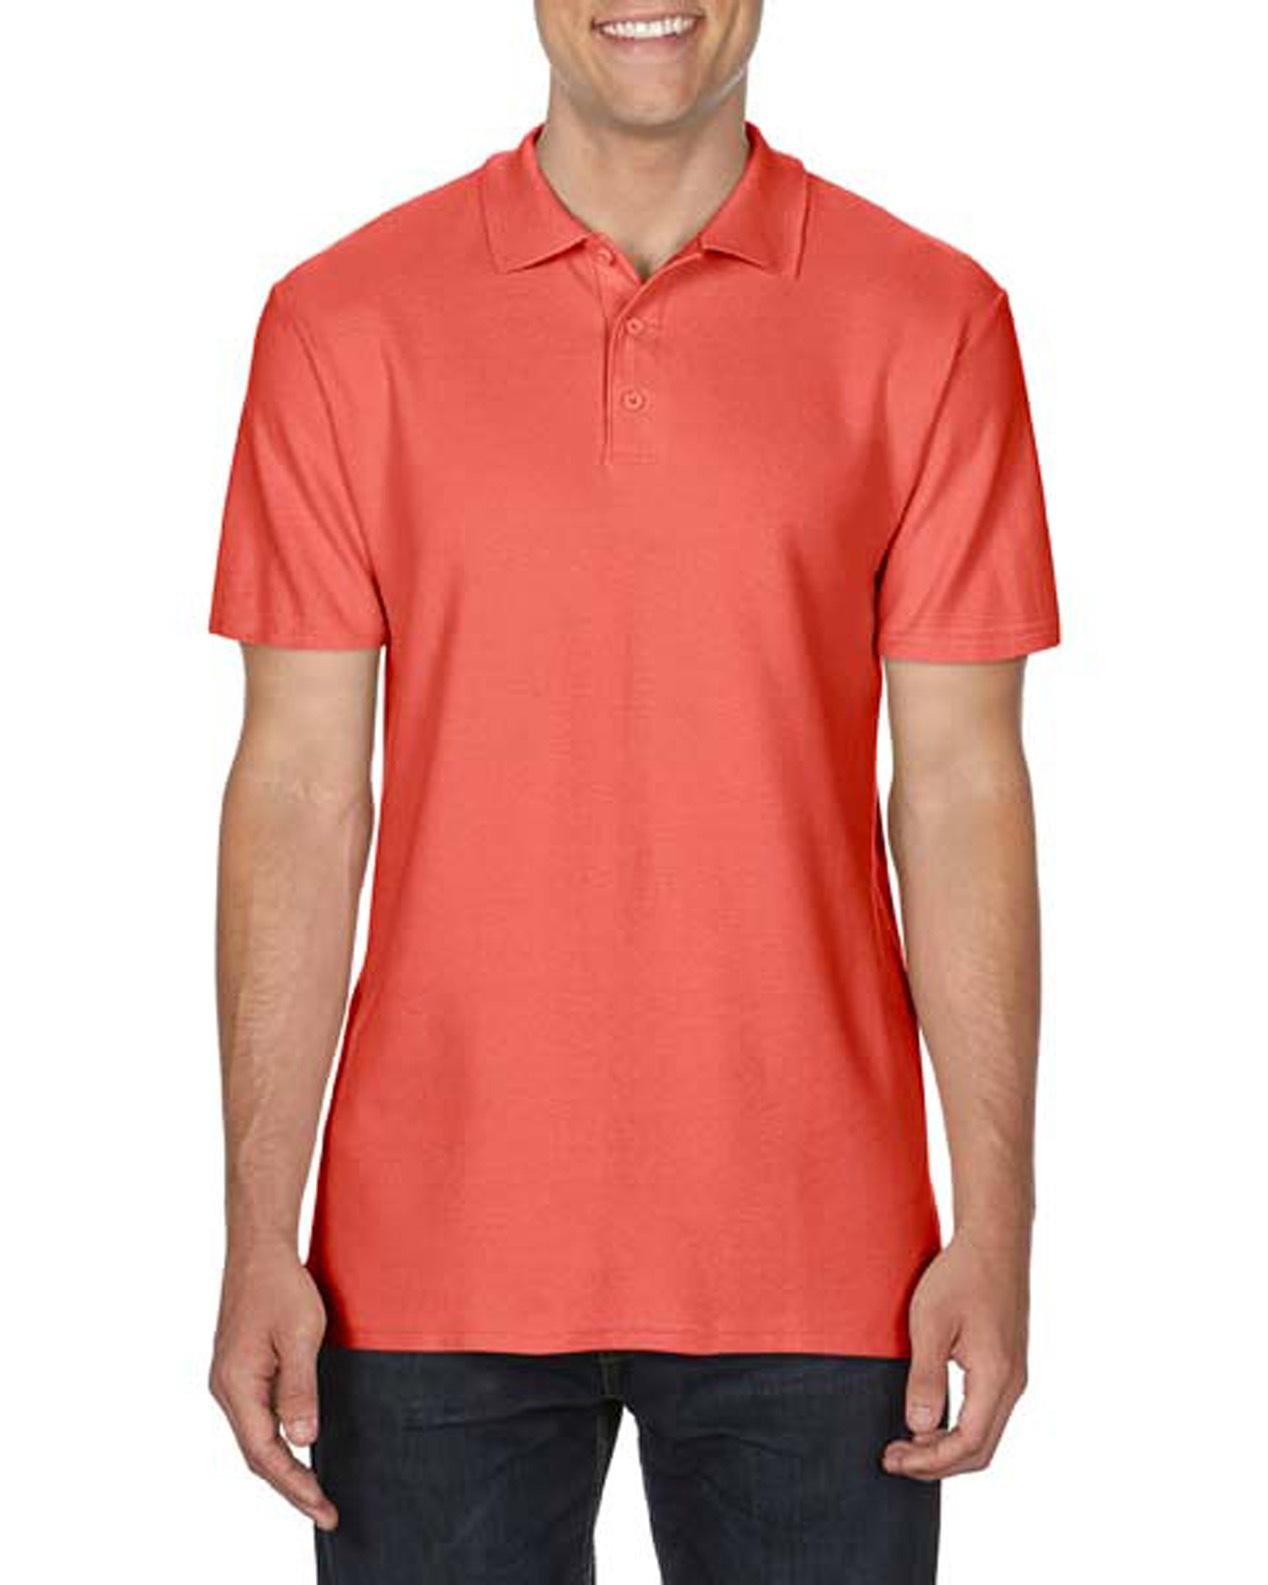 100 cotton Gildan polo shirt bright salmon